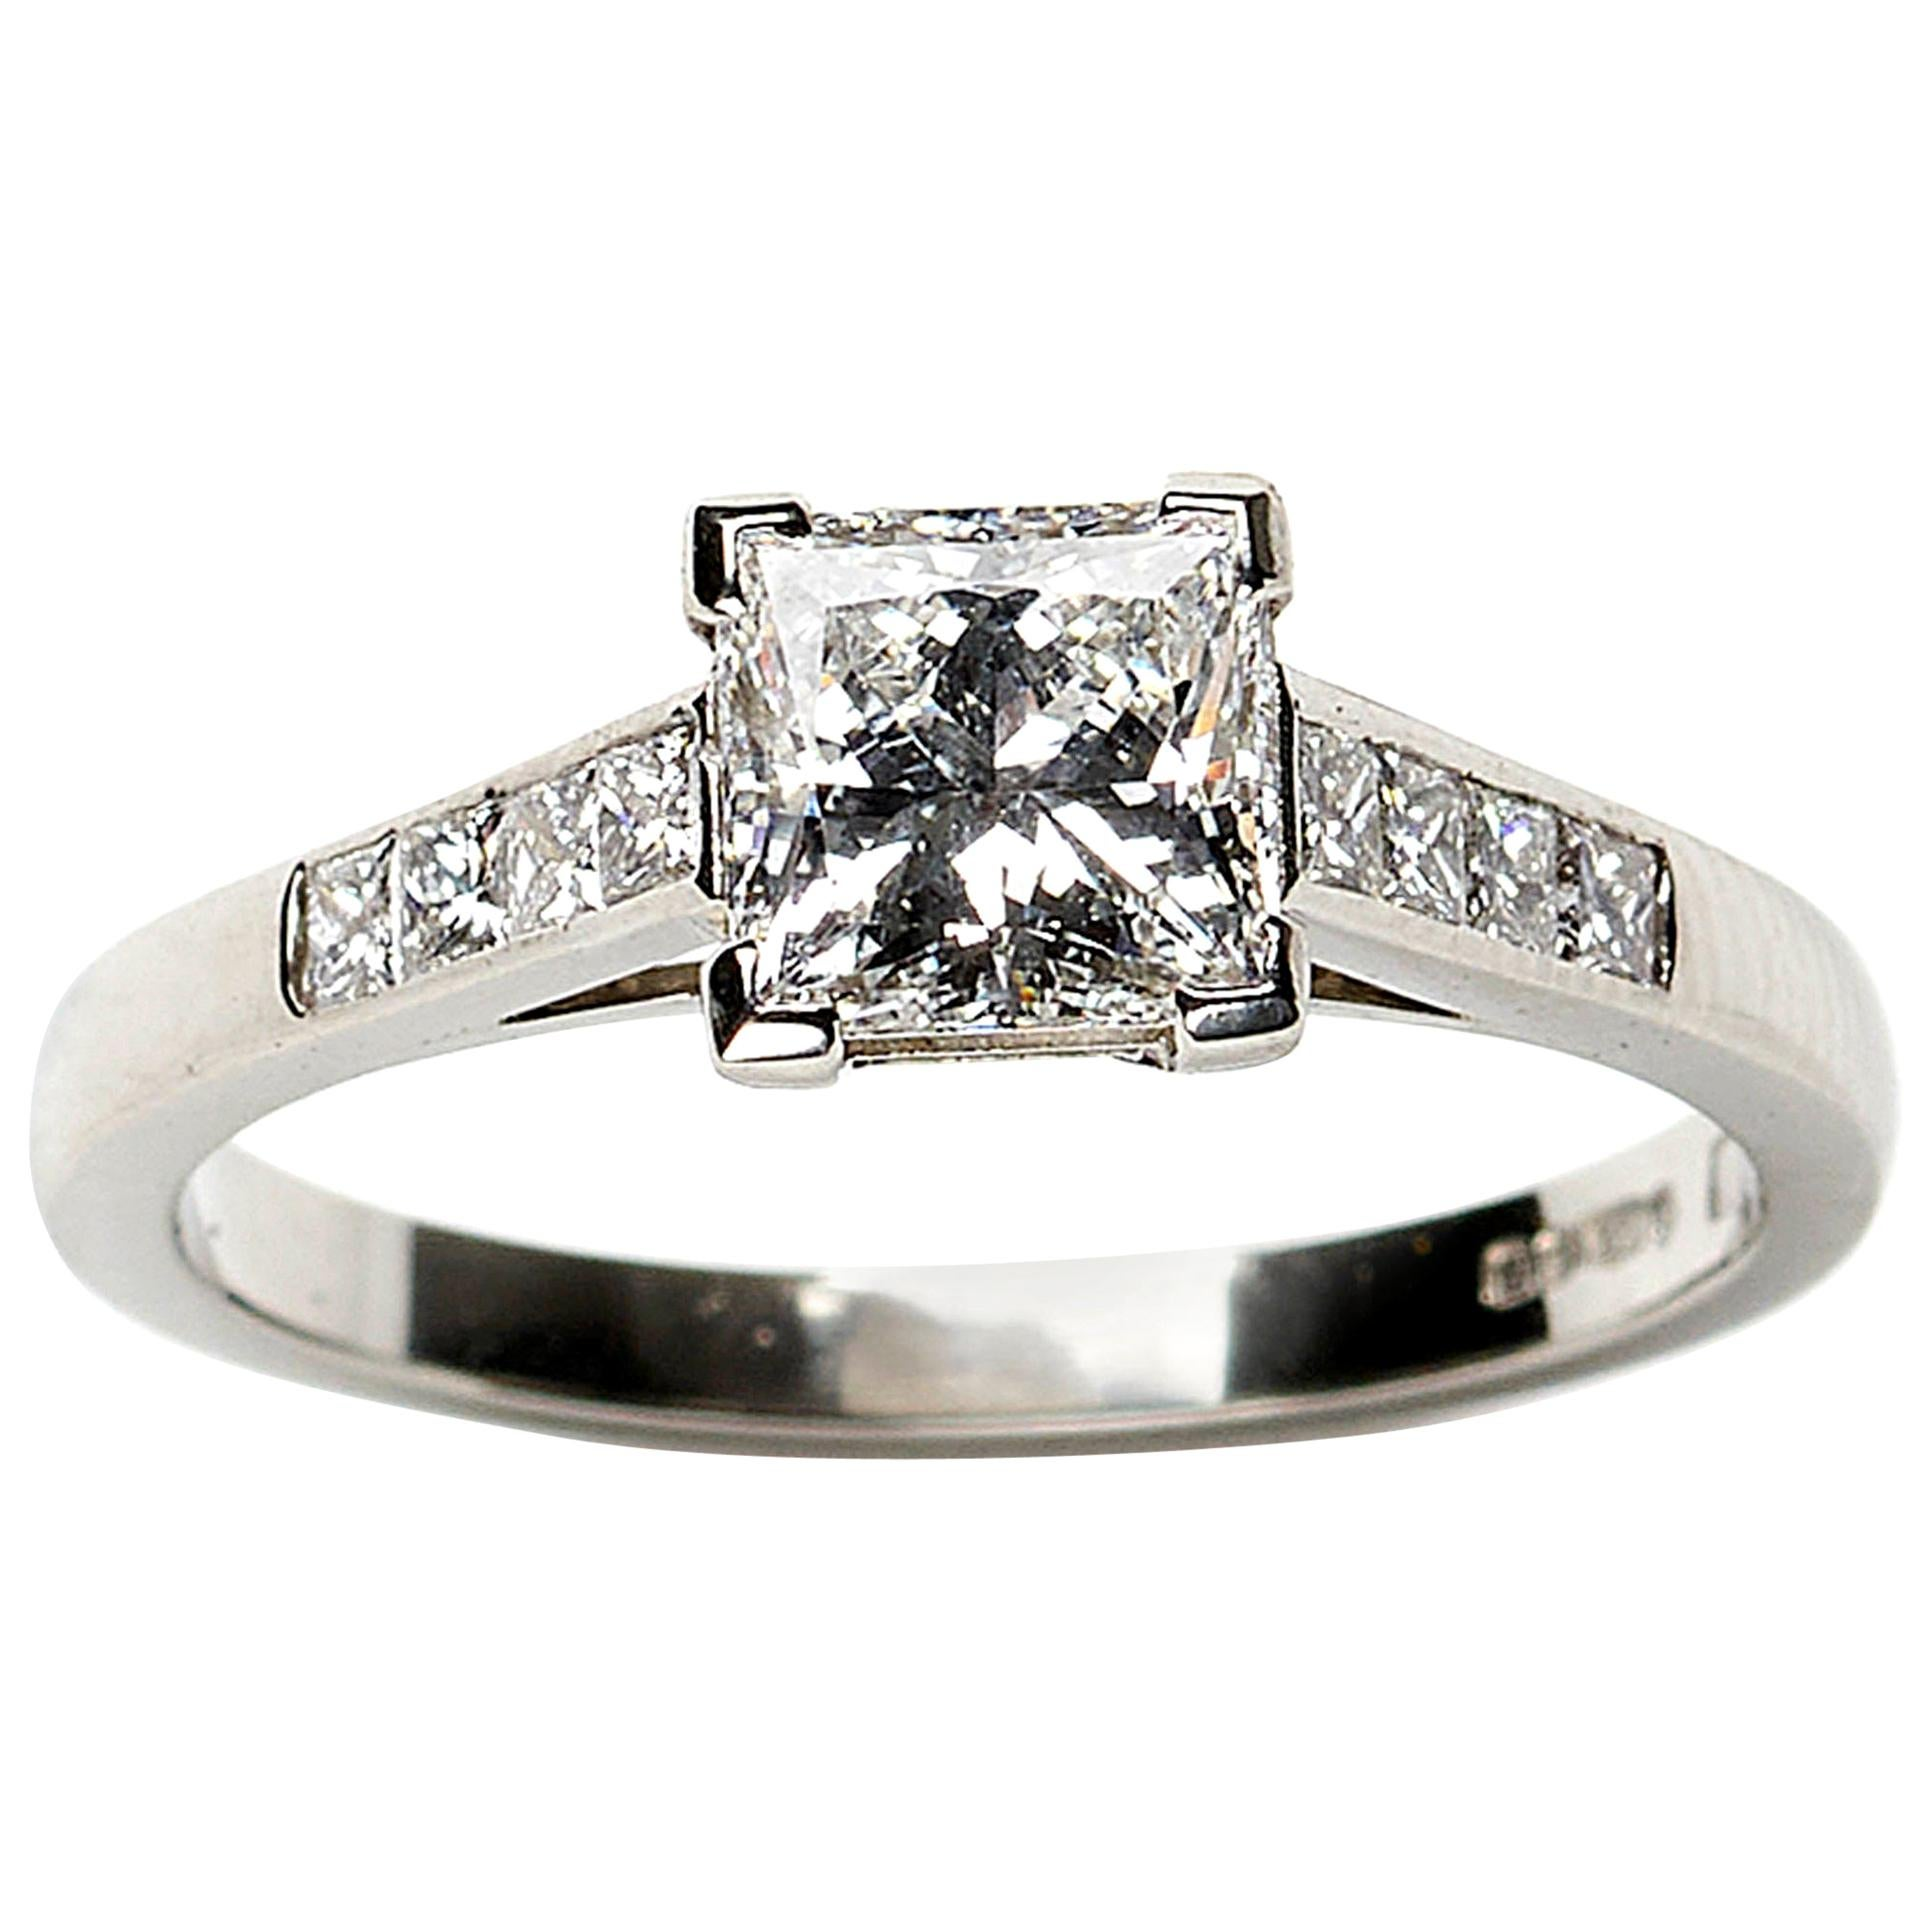 Princess Cut Diamond and Platinum Ring, 1.03 Carat